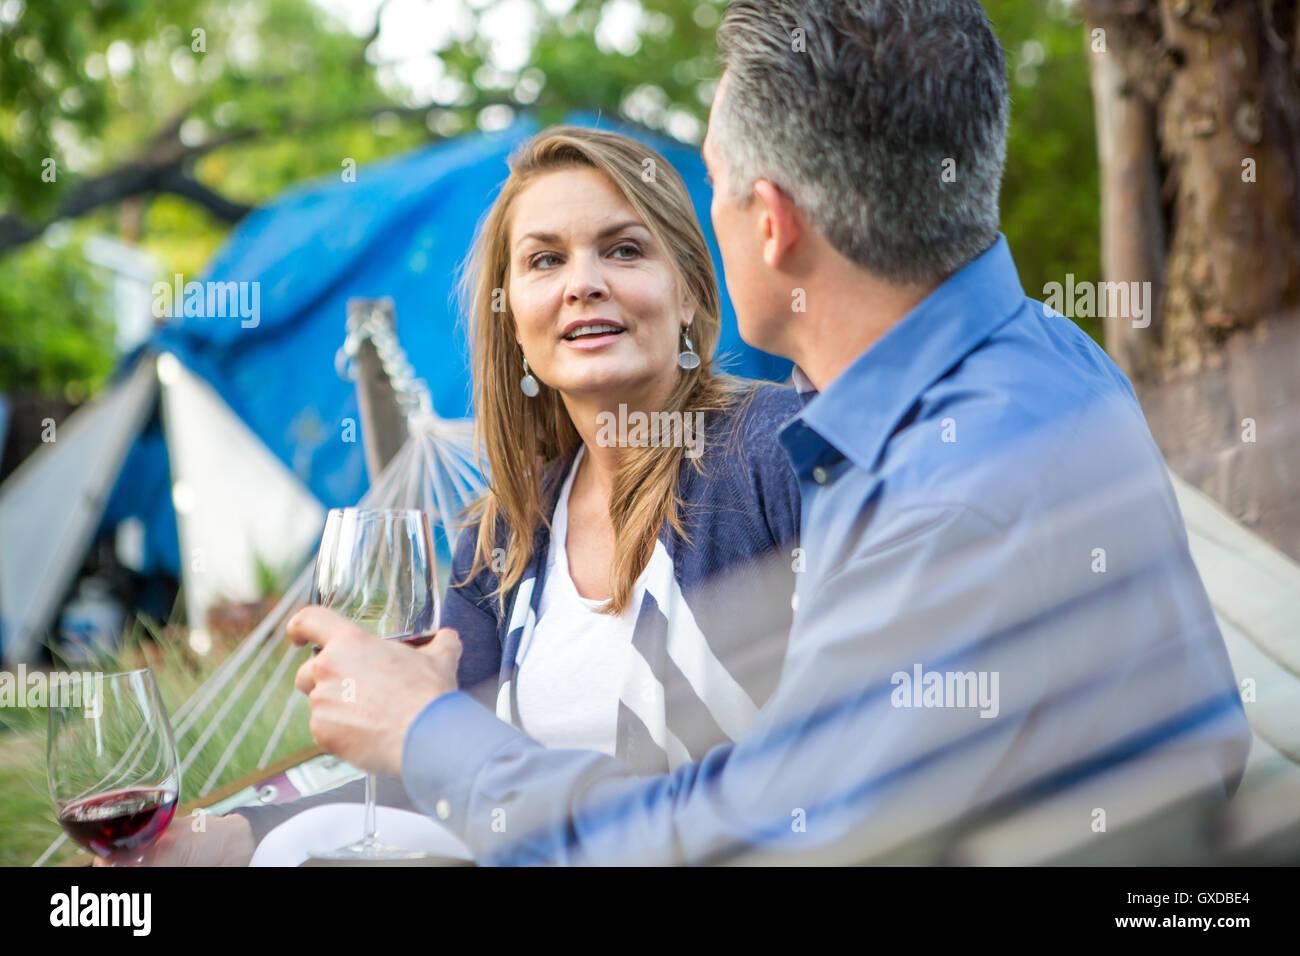 Pareja conversando en la hamaca en el garden party Imagen De Stock